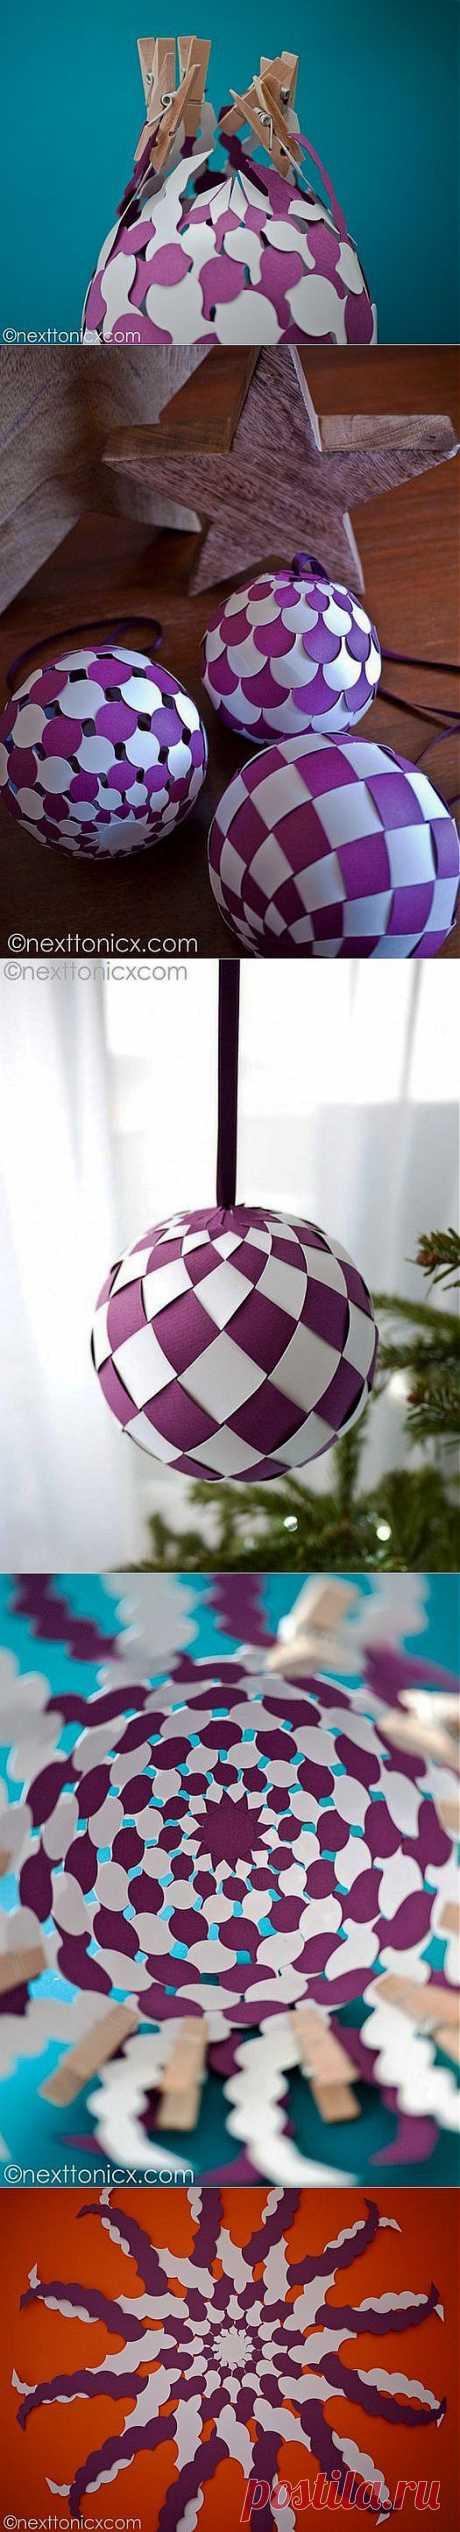 Поделки своими руками - Делаем красивые шары из бумаги своими руками. Идея хороша как для Нового года, так и для Пасхи.